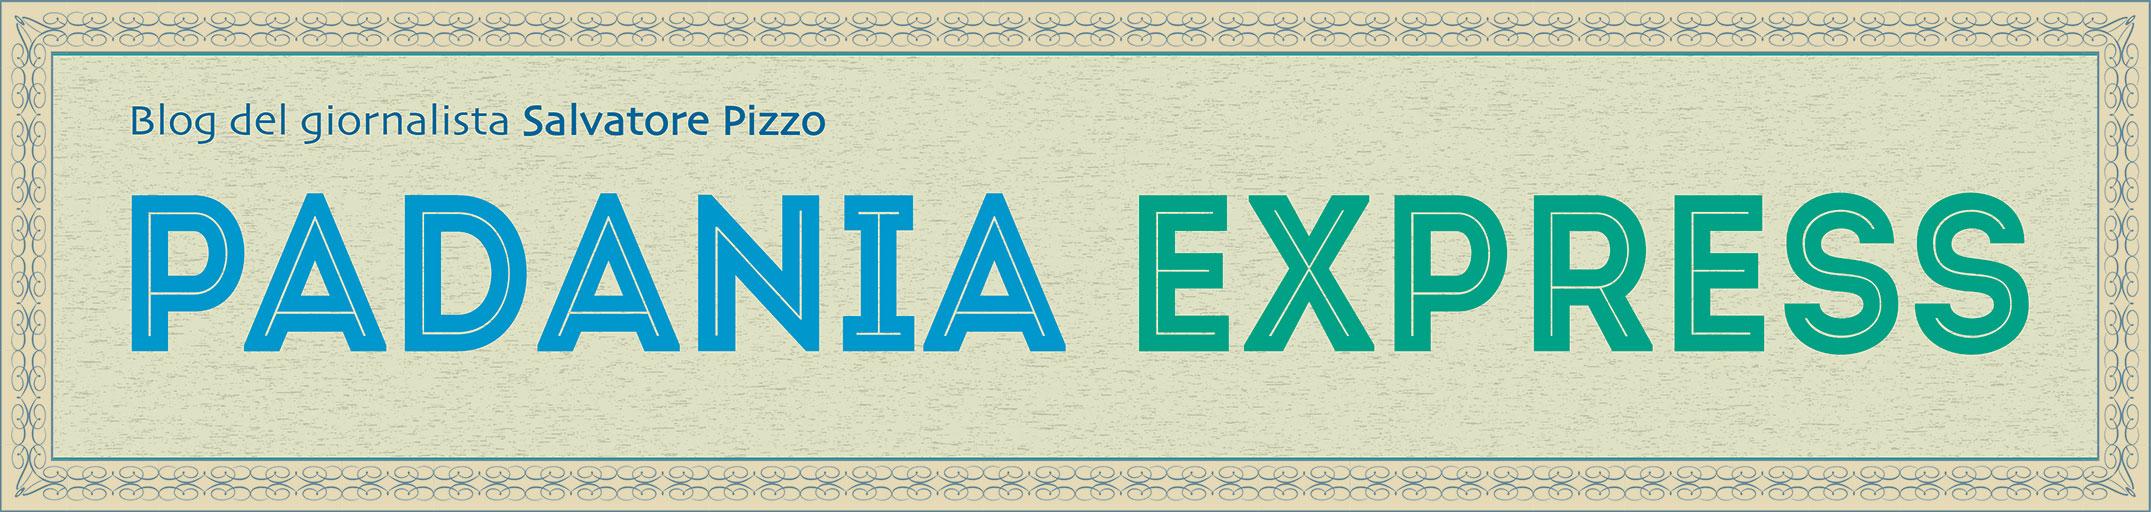 Padania Express